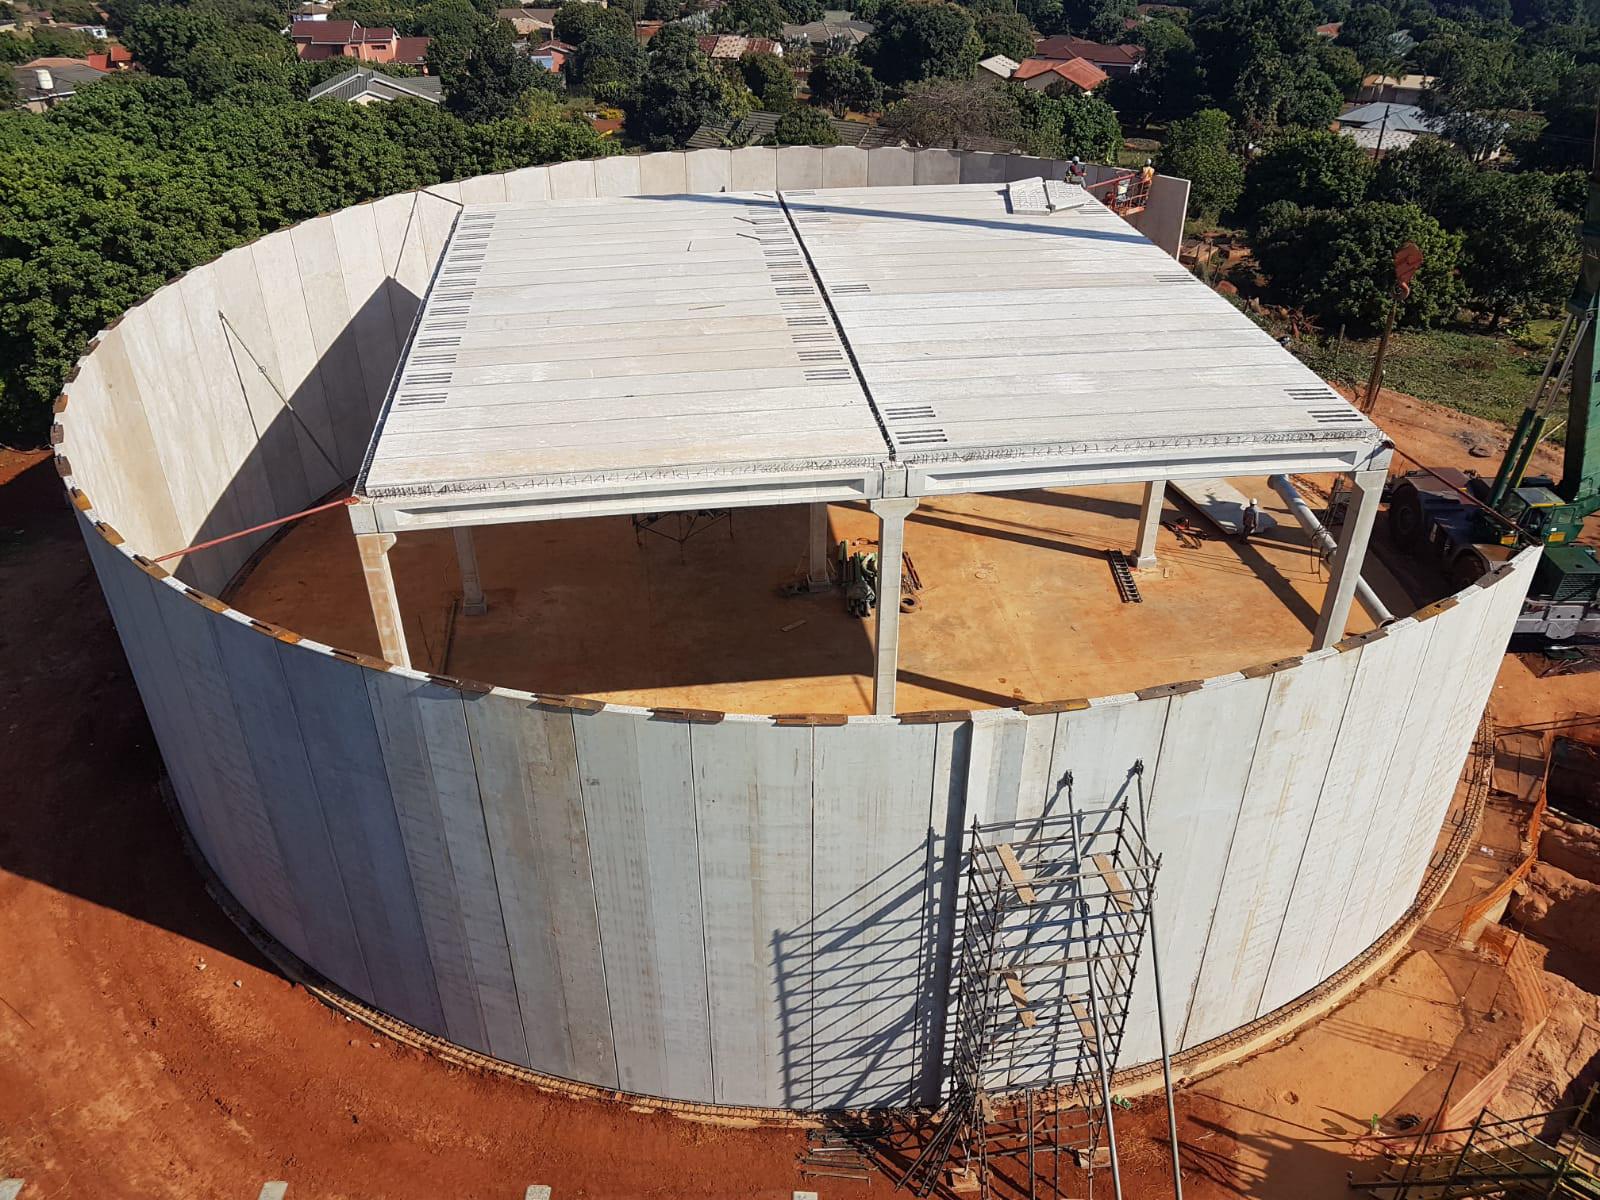 Corestruc liefert Betonfertigteile etwa für Bauvorhaben der öffentlichen Hand. (Bild: DocuWare Europe GmbH)